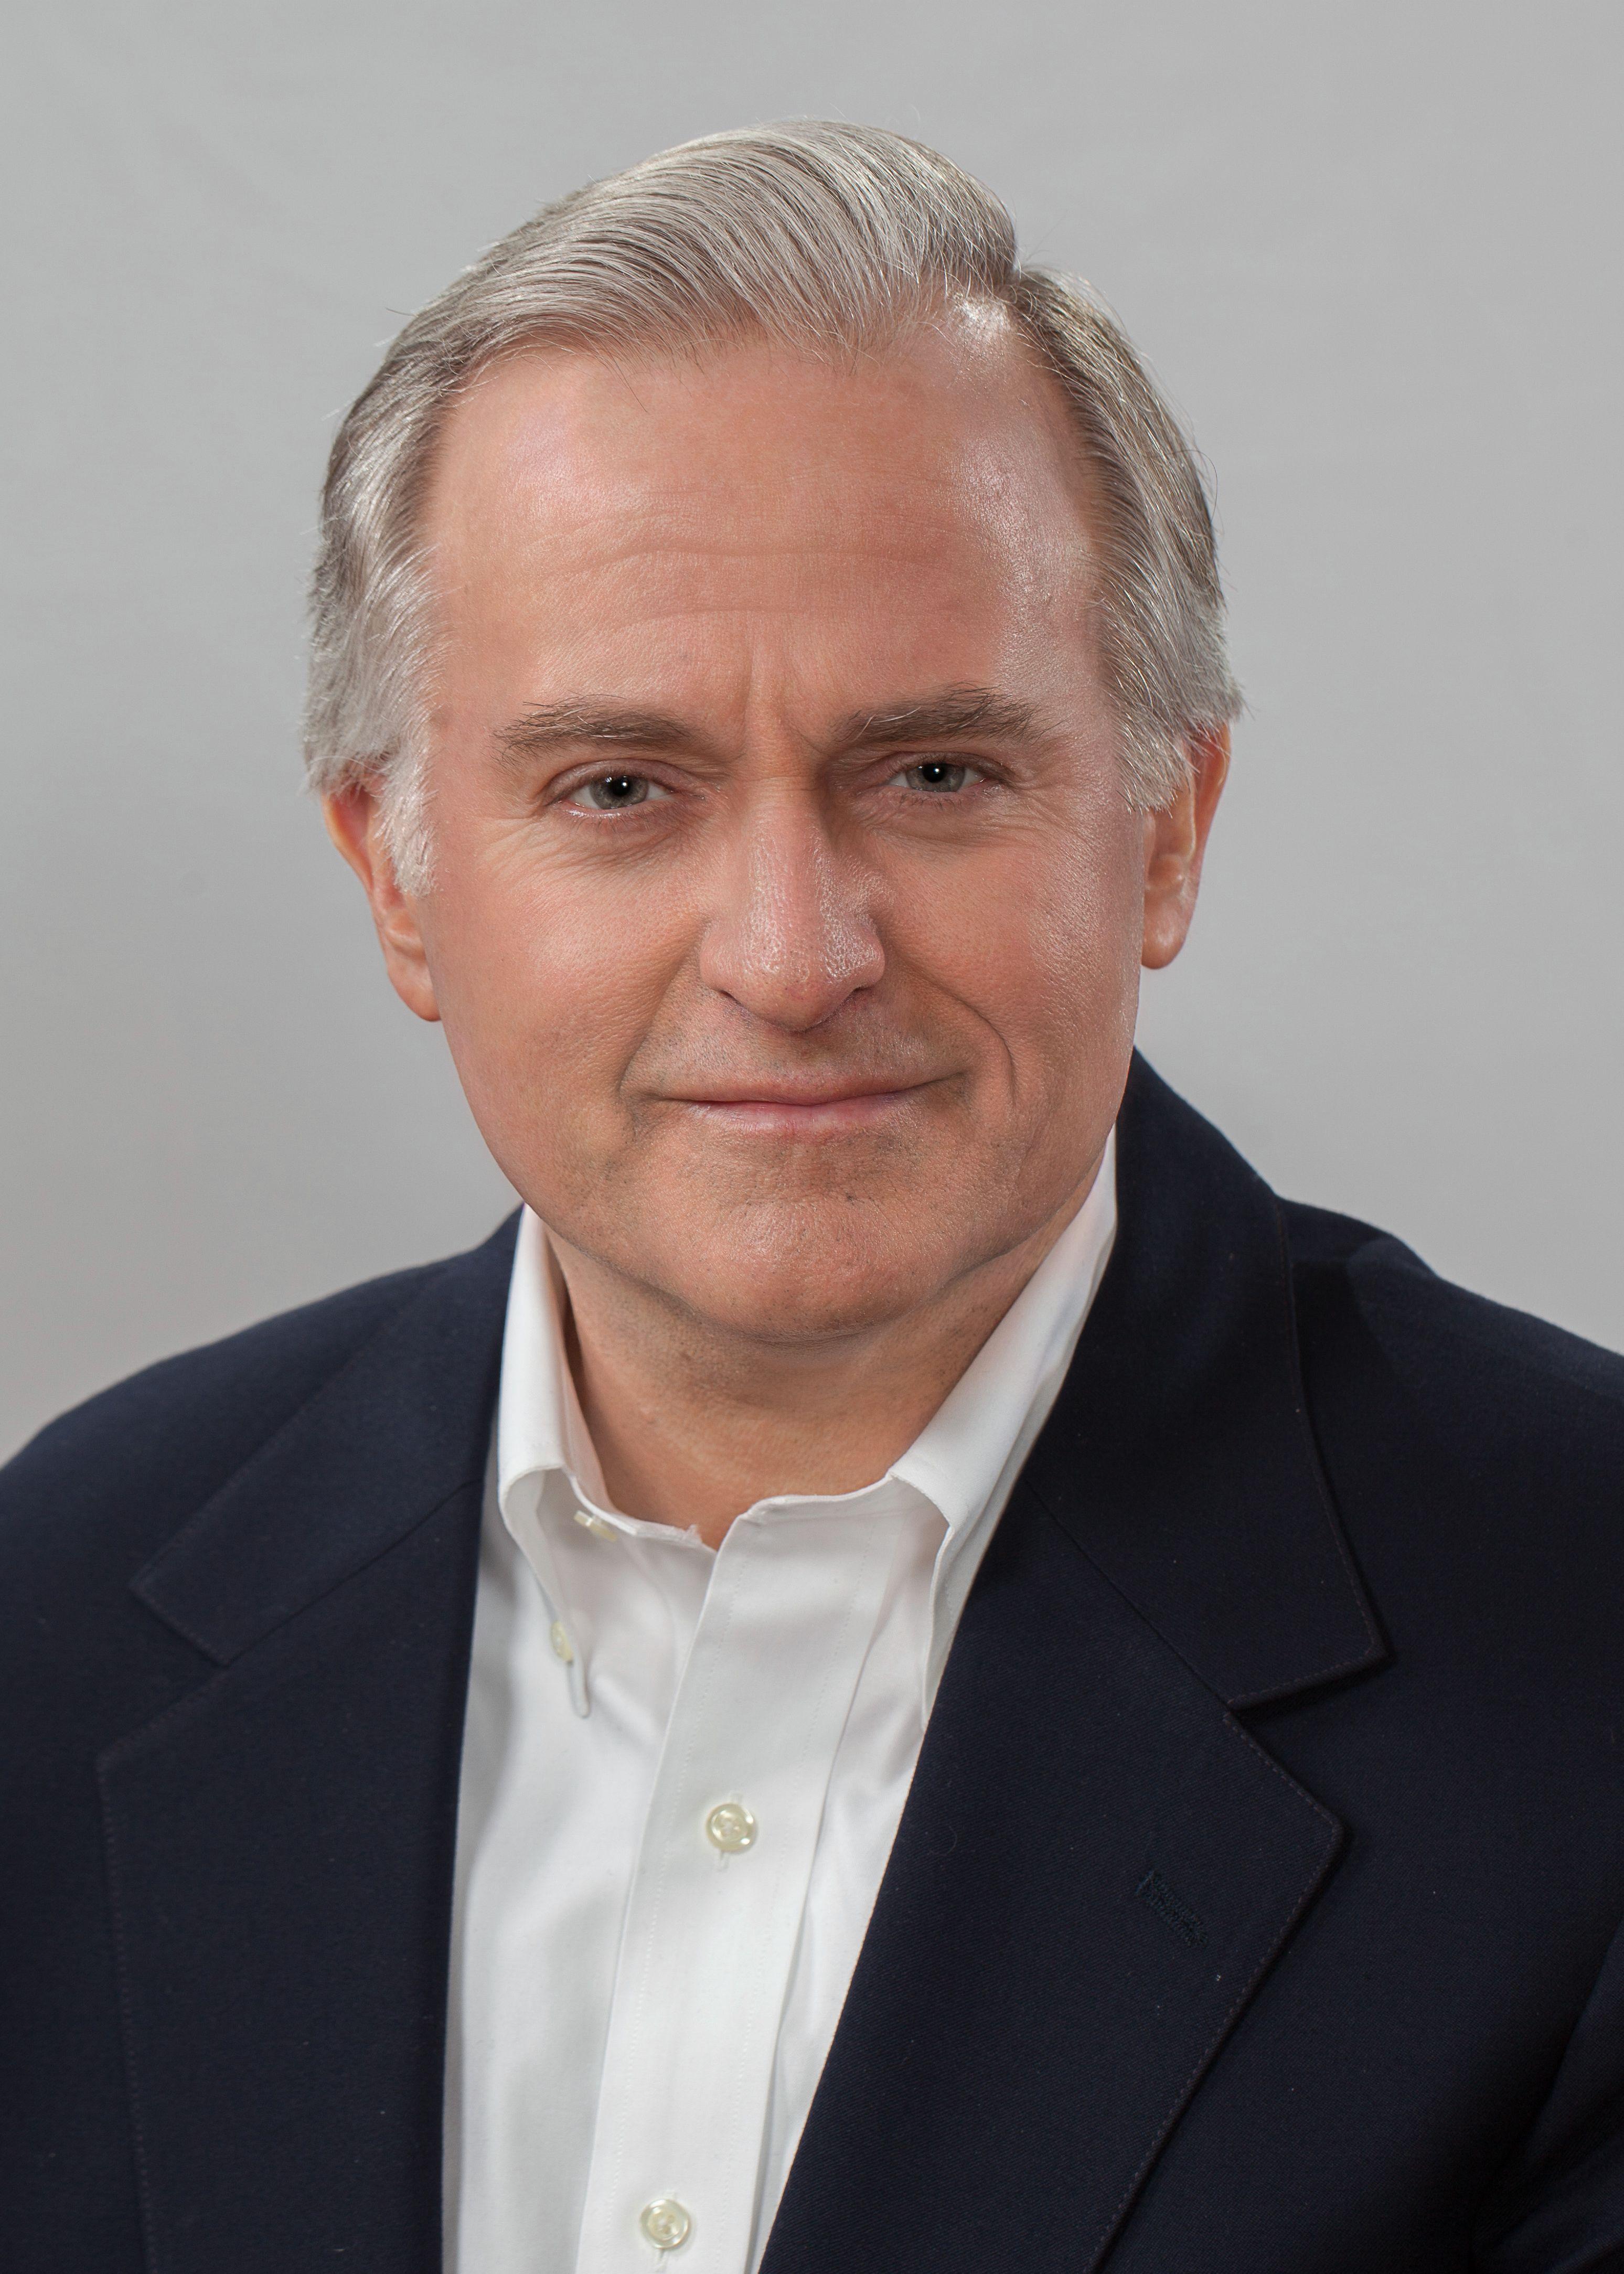 Robert J. Johnsen